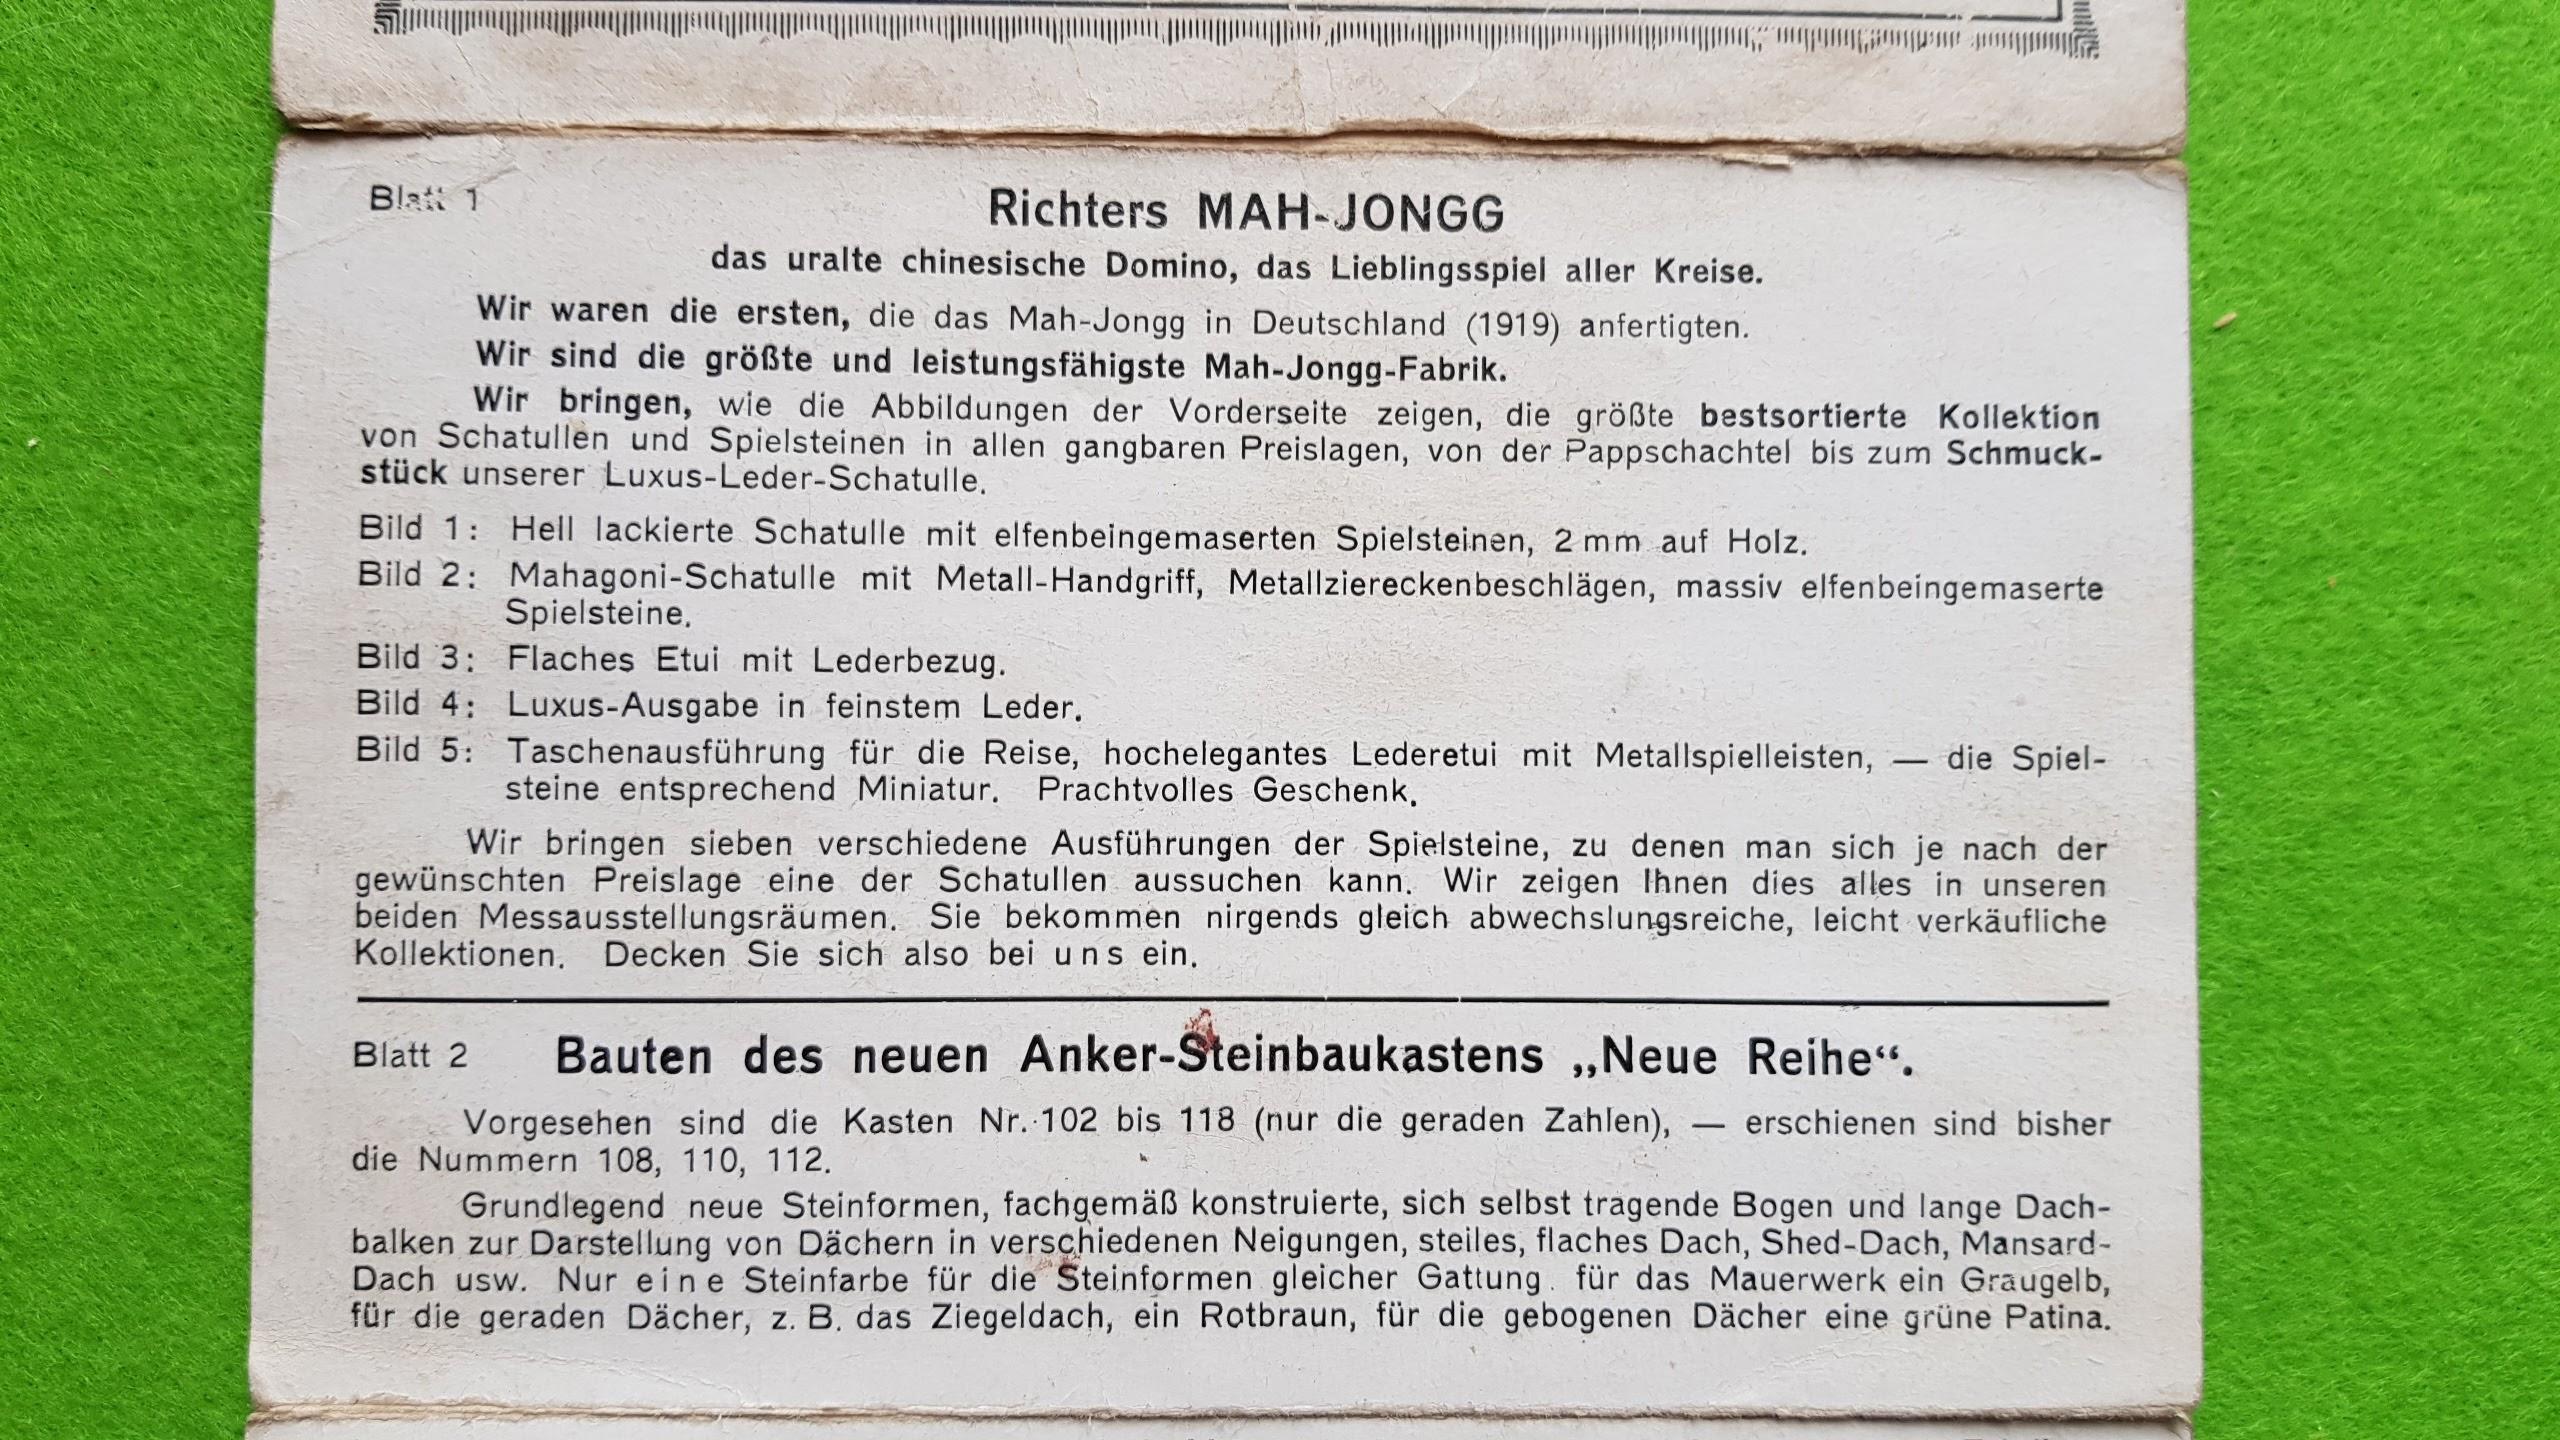 Leipziger Herbstmesse 1924 - EInladung zur Ausstellung der Anker-Bausteine